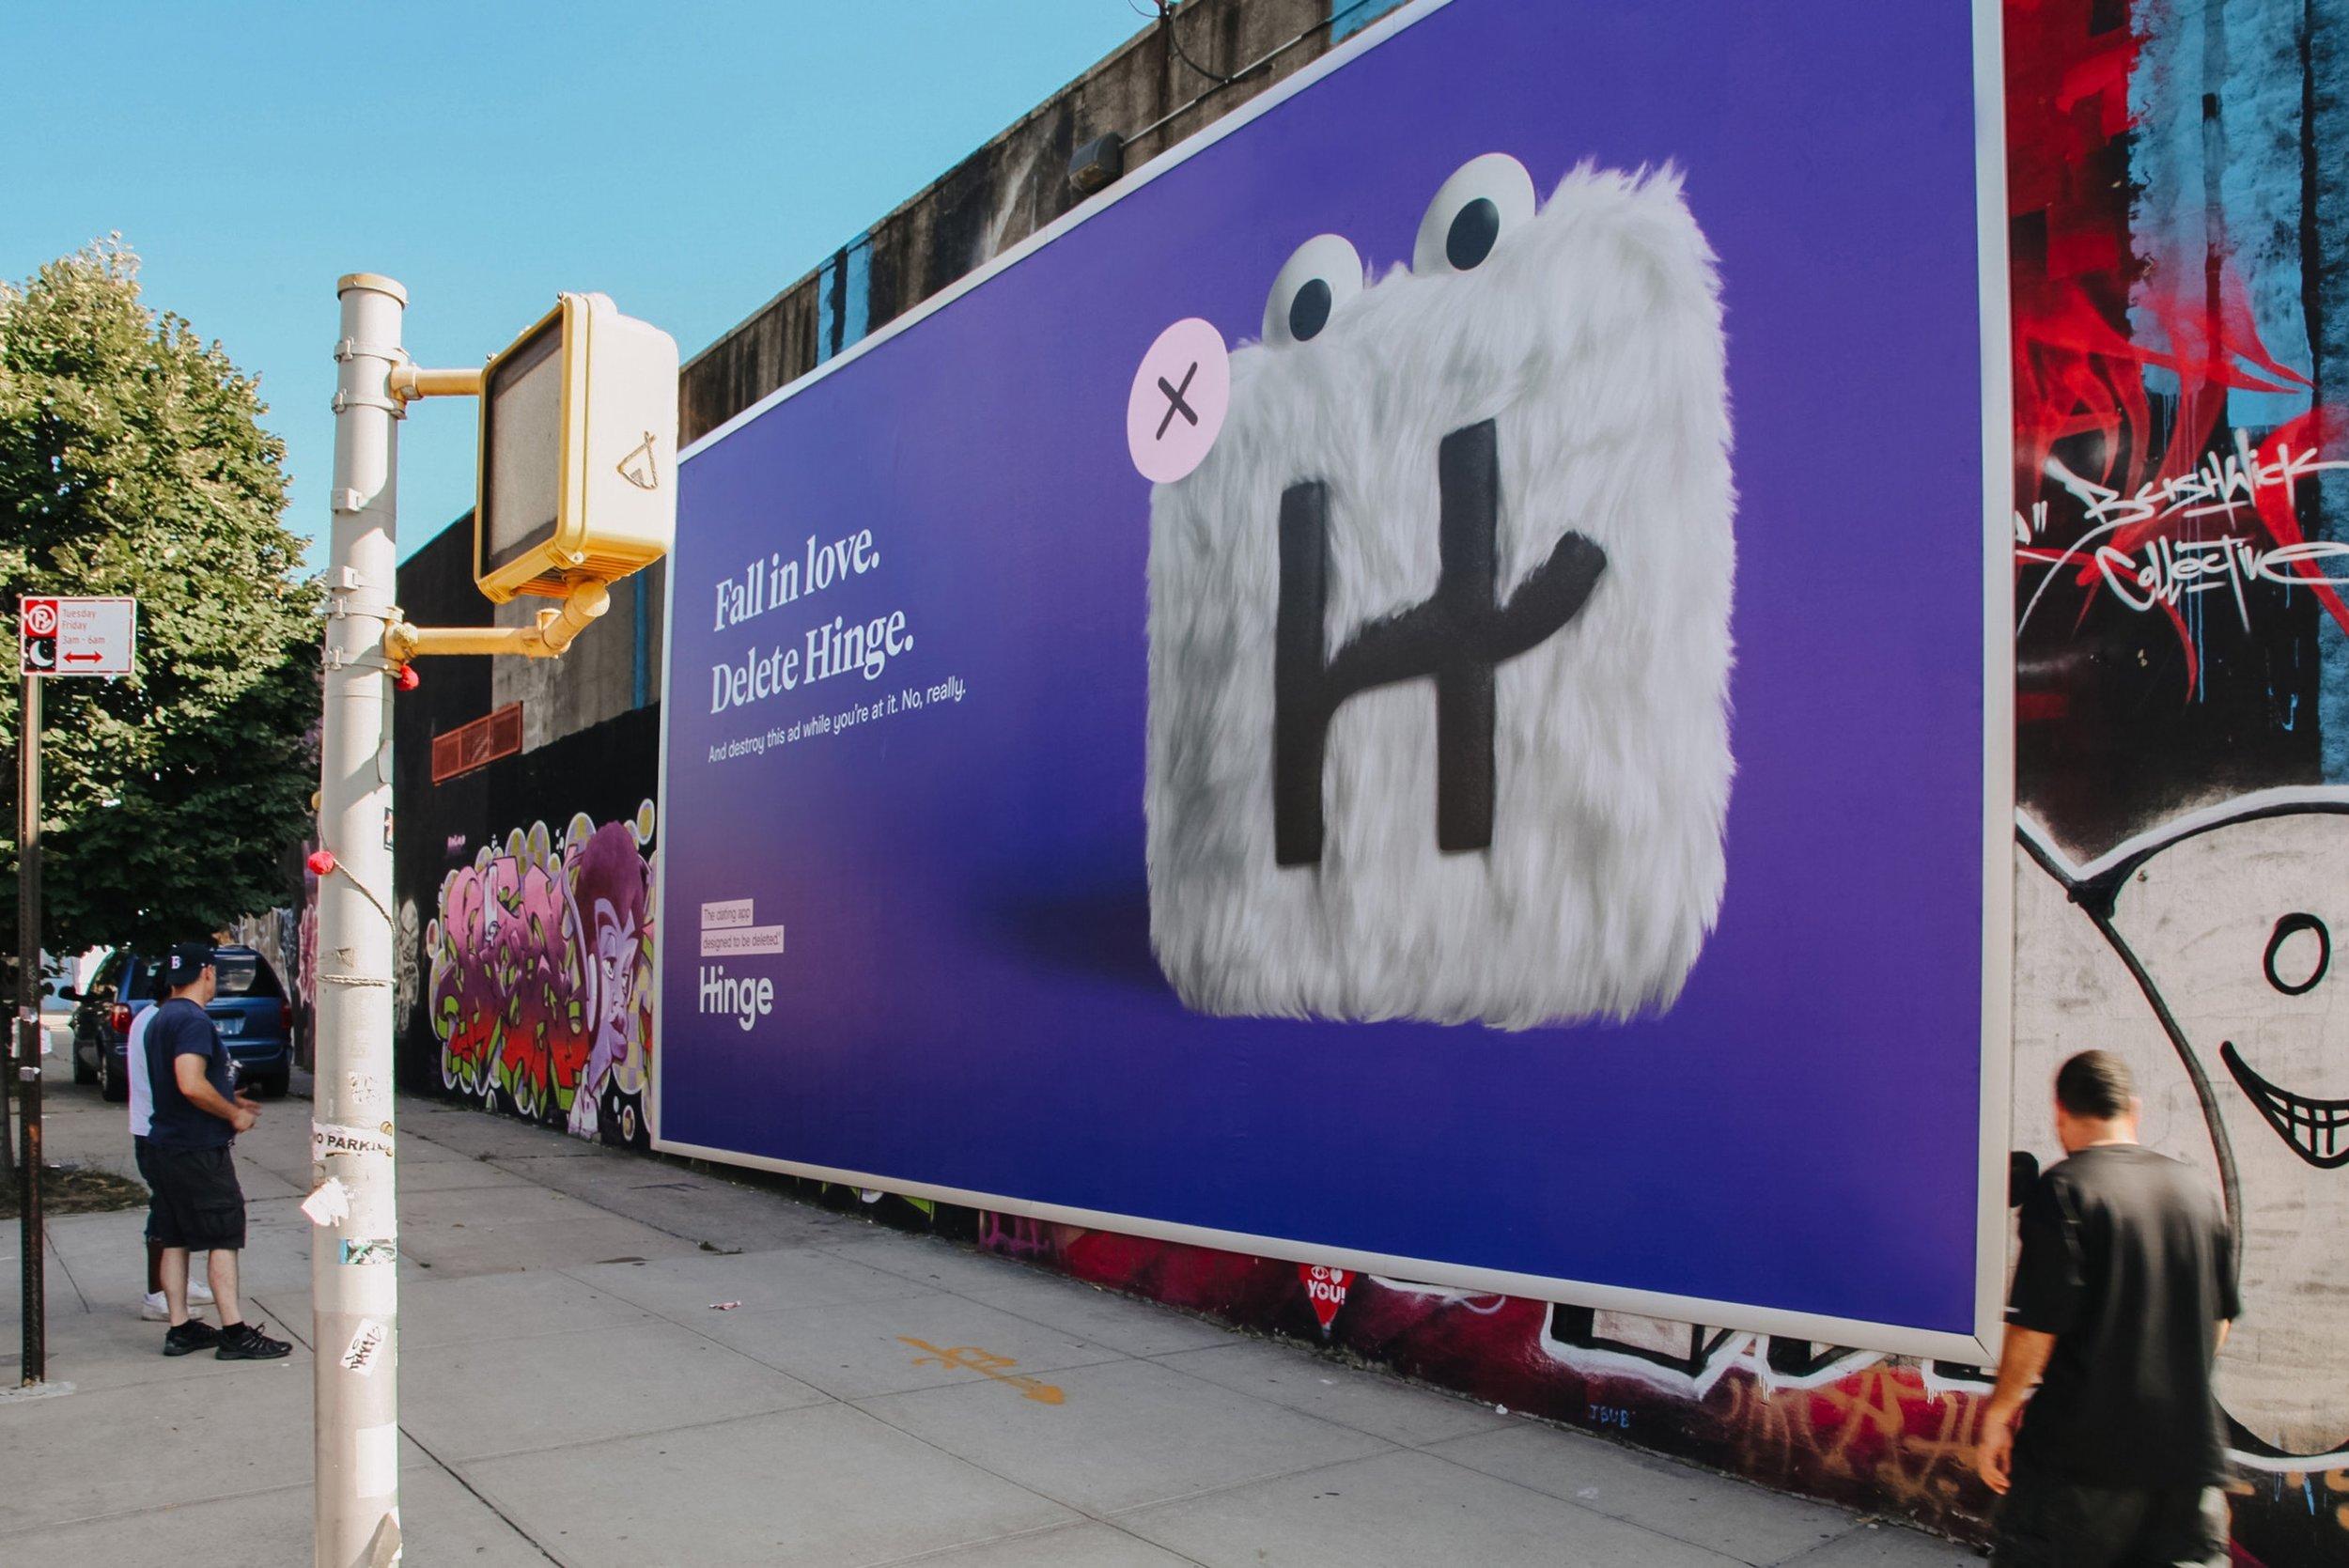 Hinge-Campaign-OOH-Mural.jpg